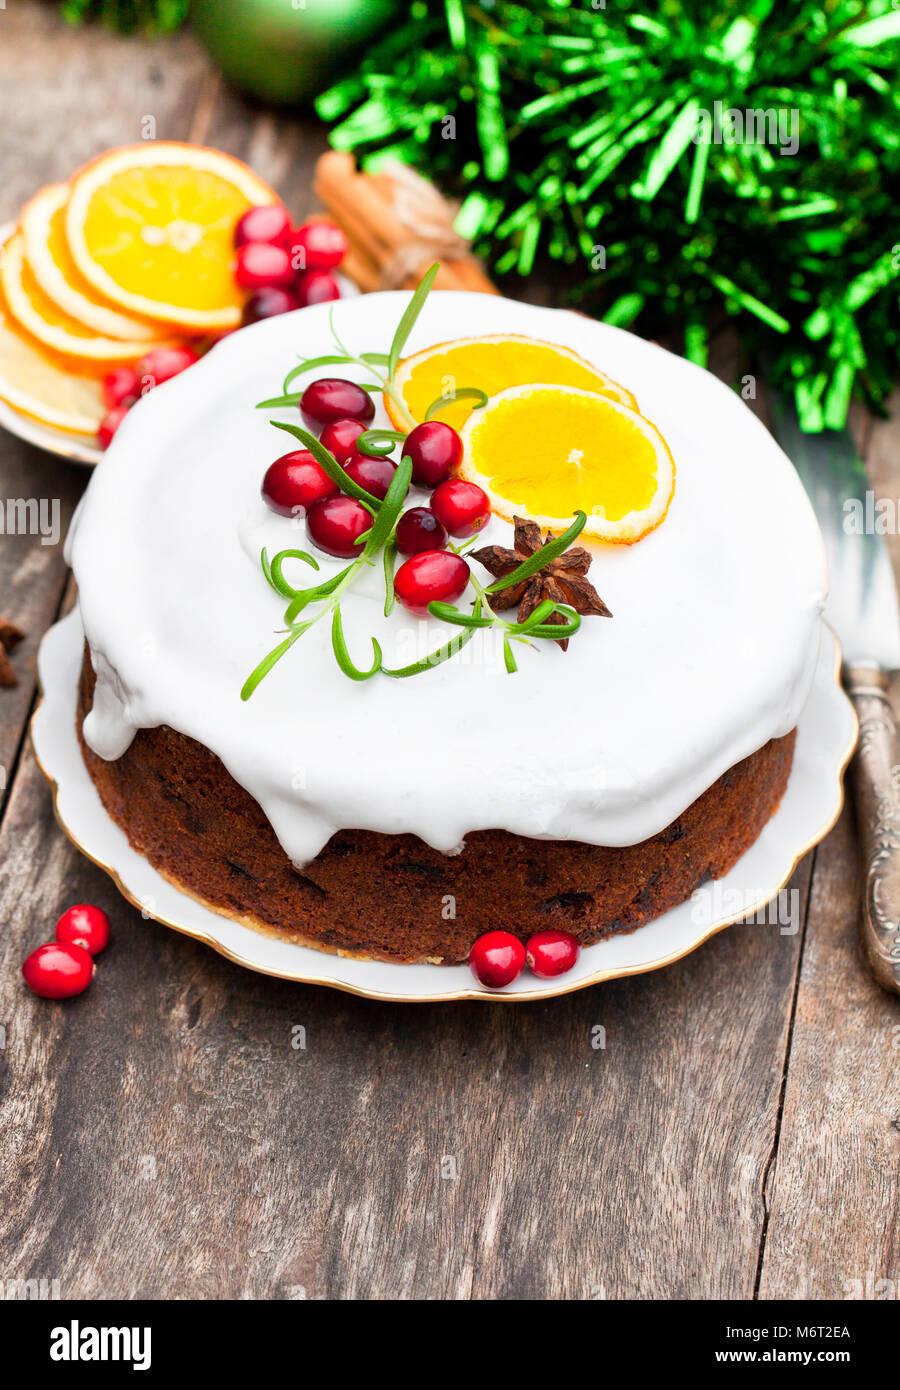 Christmas  Cake and Christmas Decorations. - Stock Image